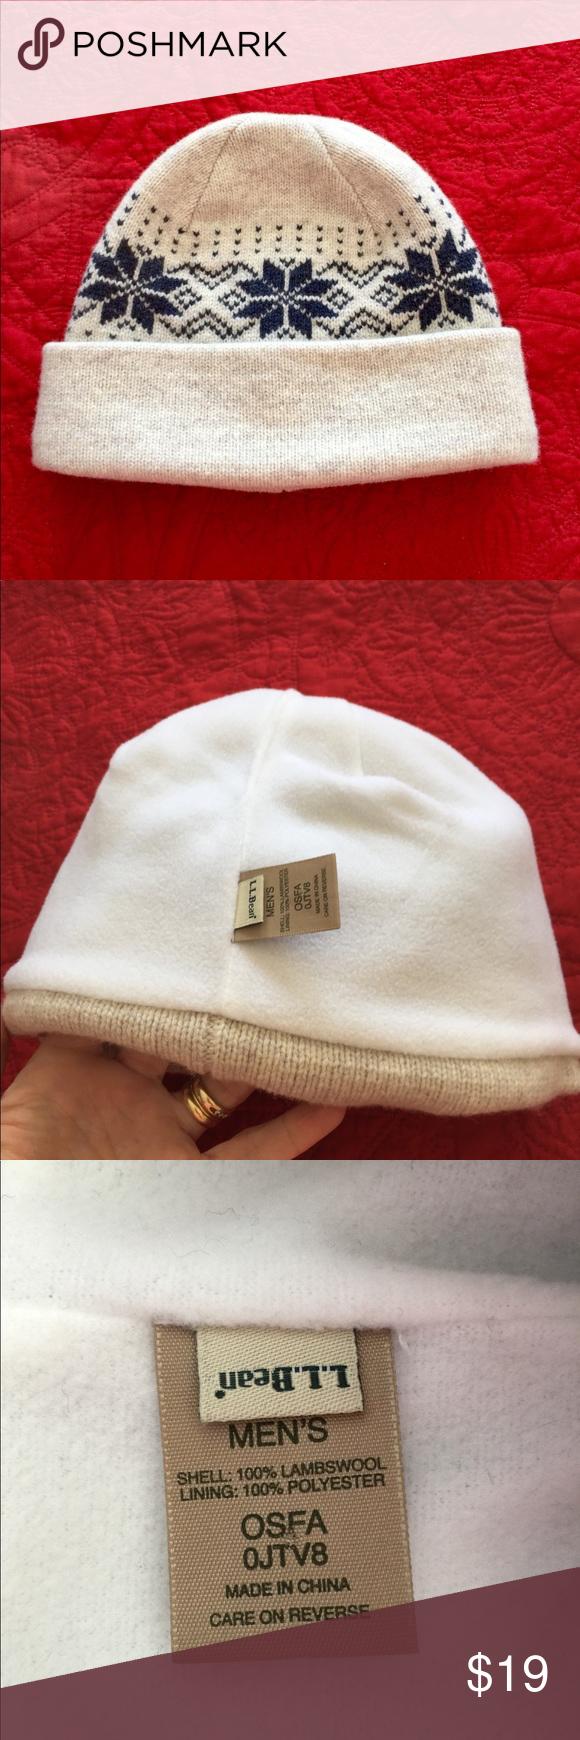 c10559572b3 L.L. Bean snowflake boggin hat beanie Men s OSFA on the tag... will fit